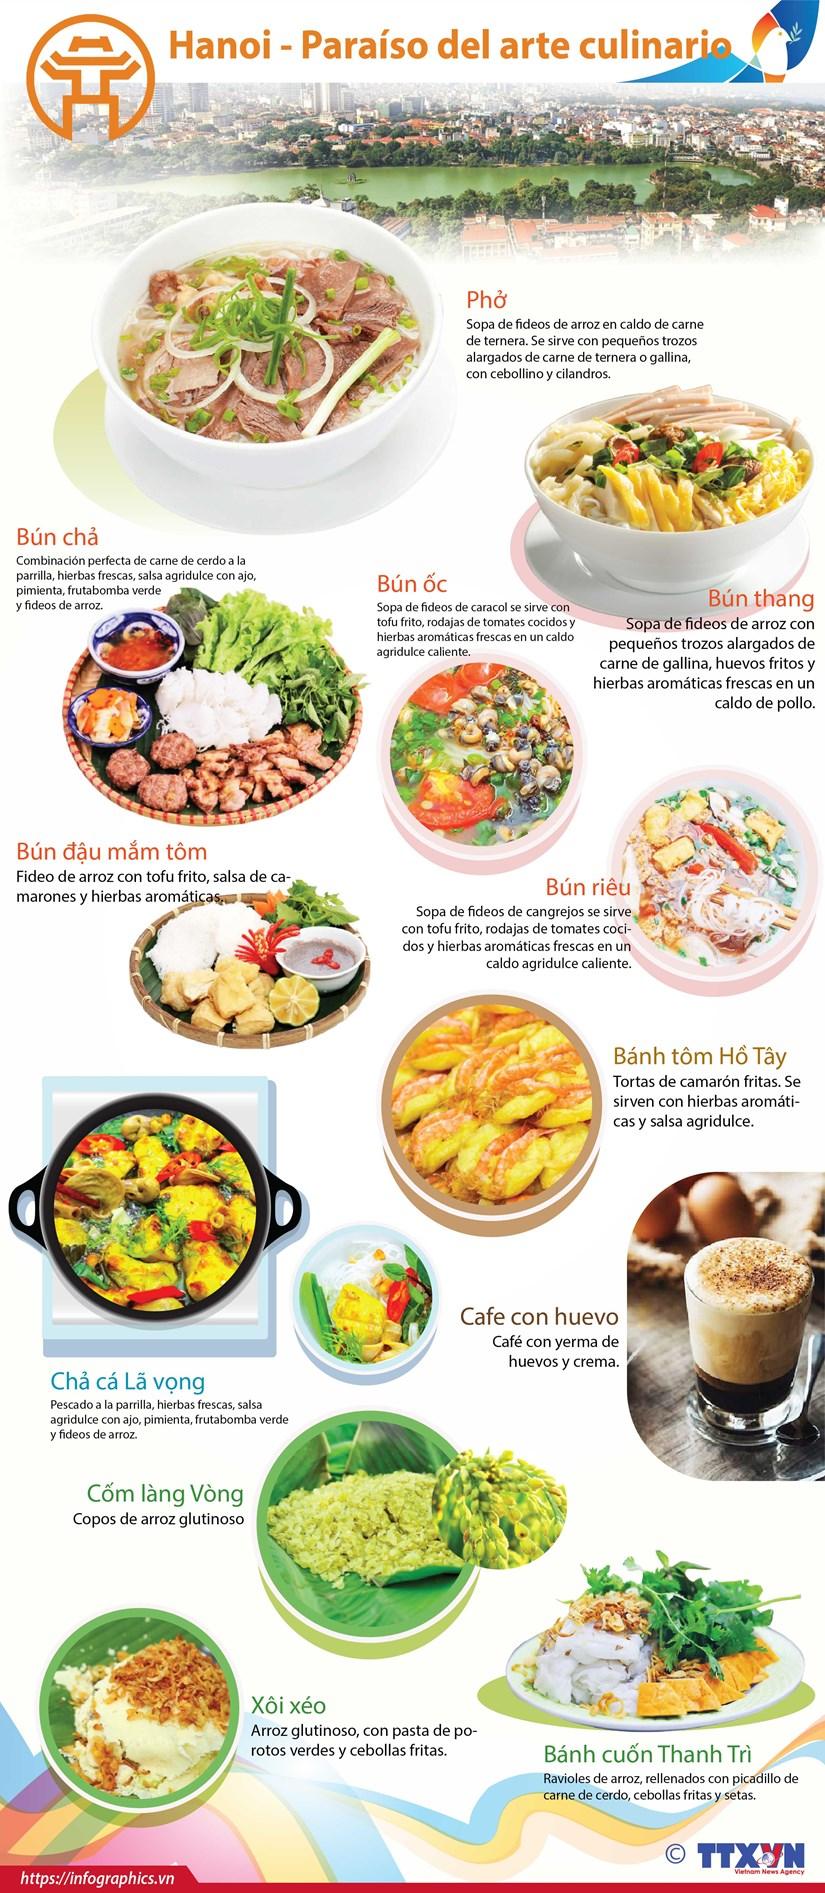 [Info] Hanoi - Paraiso del arte culinario hinh anh 1